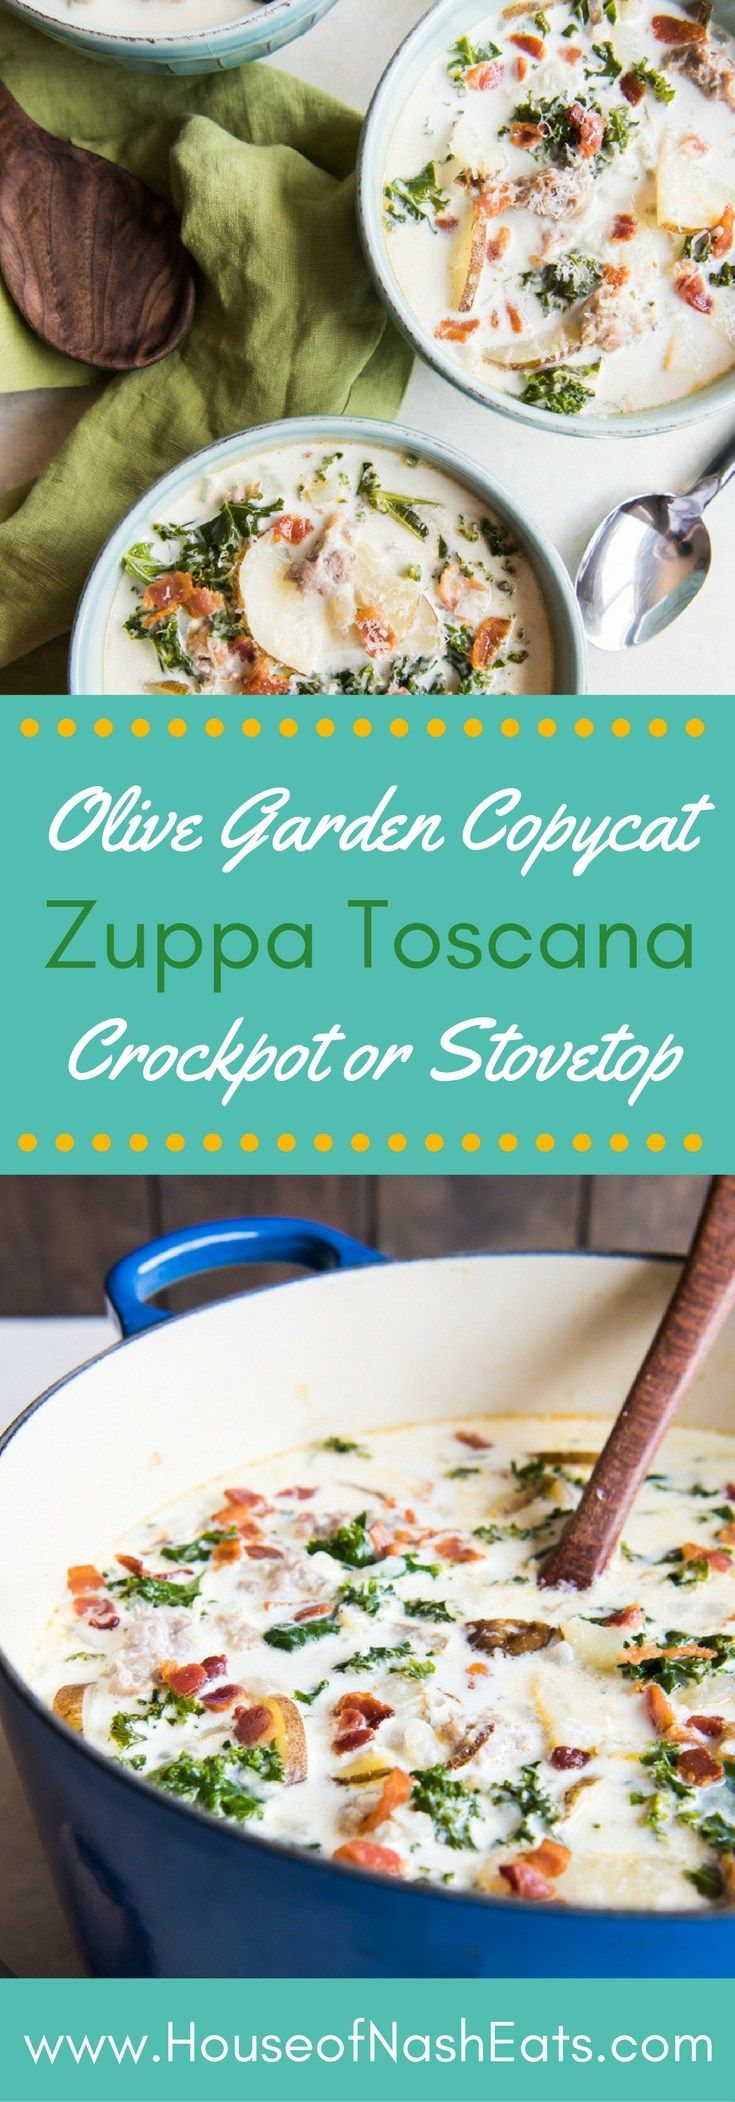 61 best Slow Cooker Carnivore images on Pinterest   Crockpot meals ...